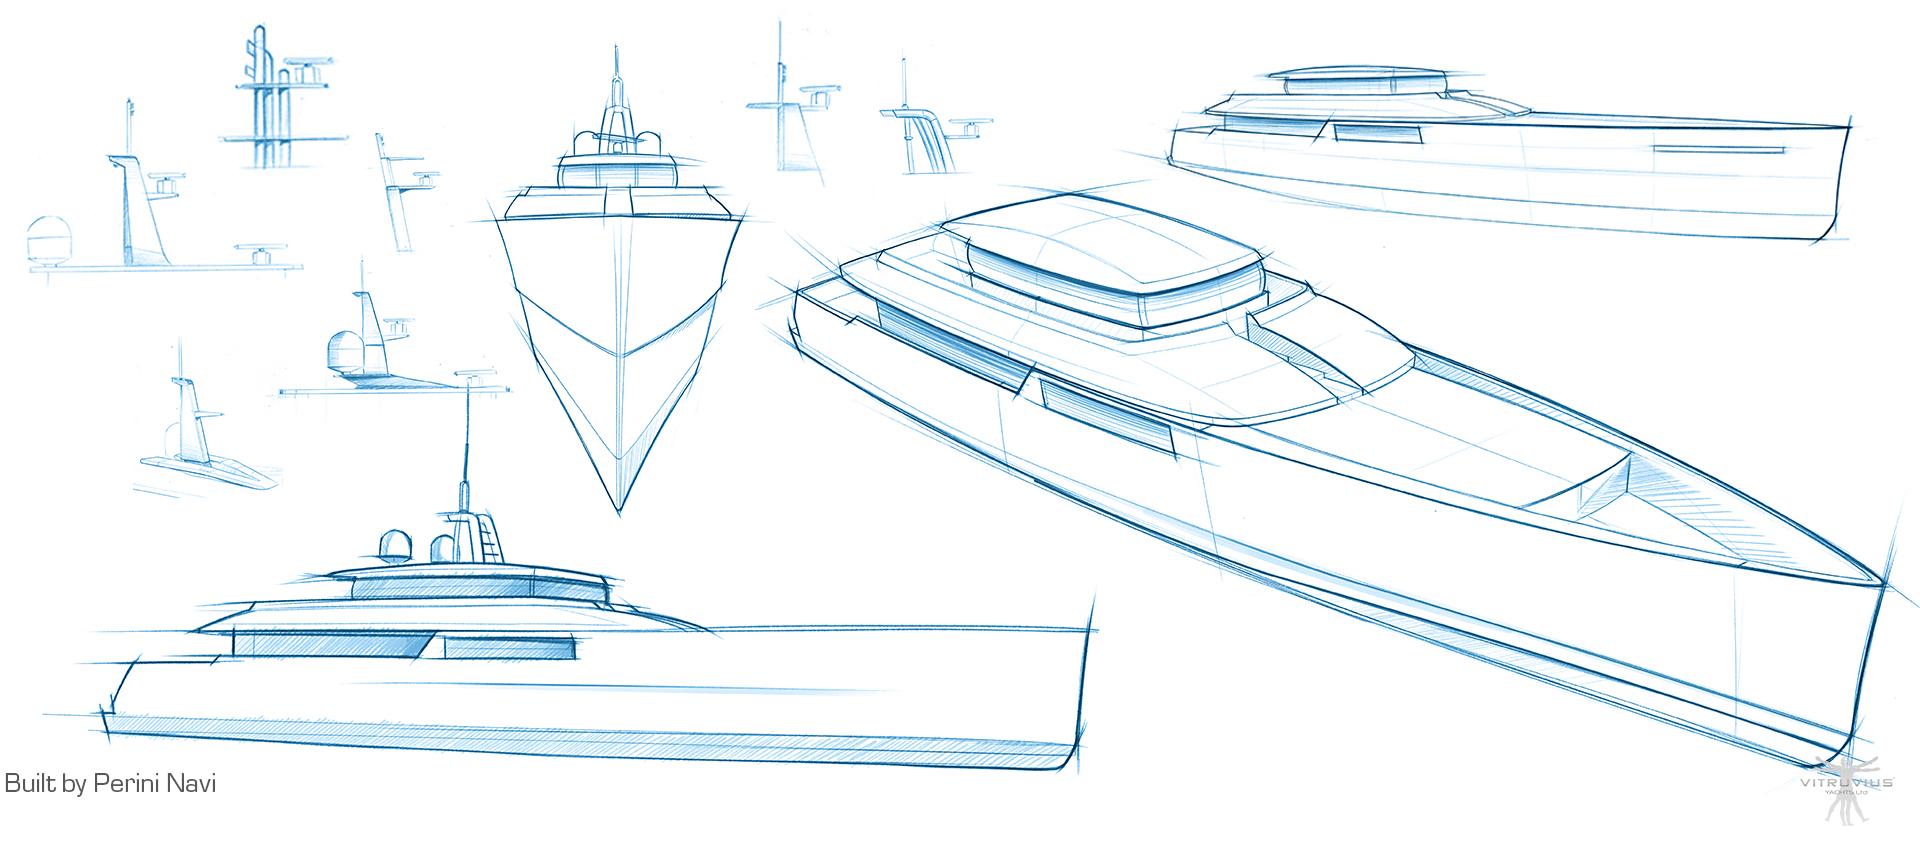 exuma vitruvius yachts